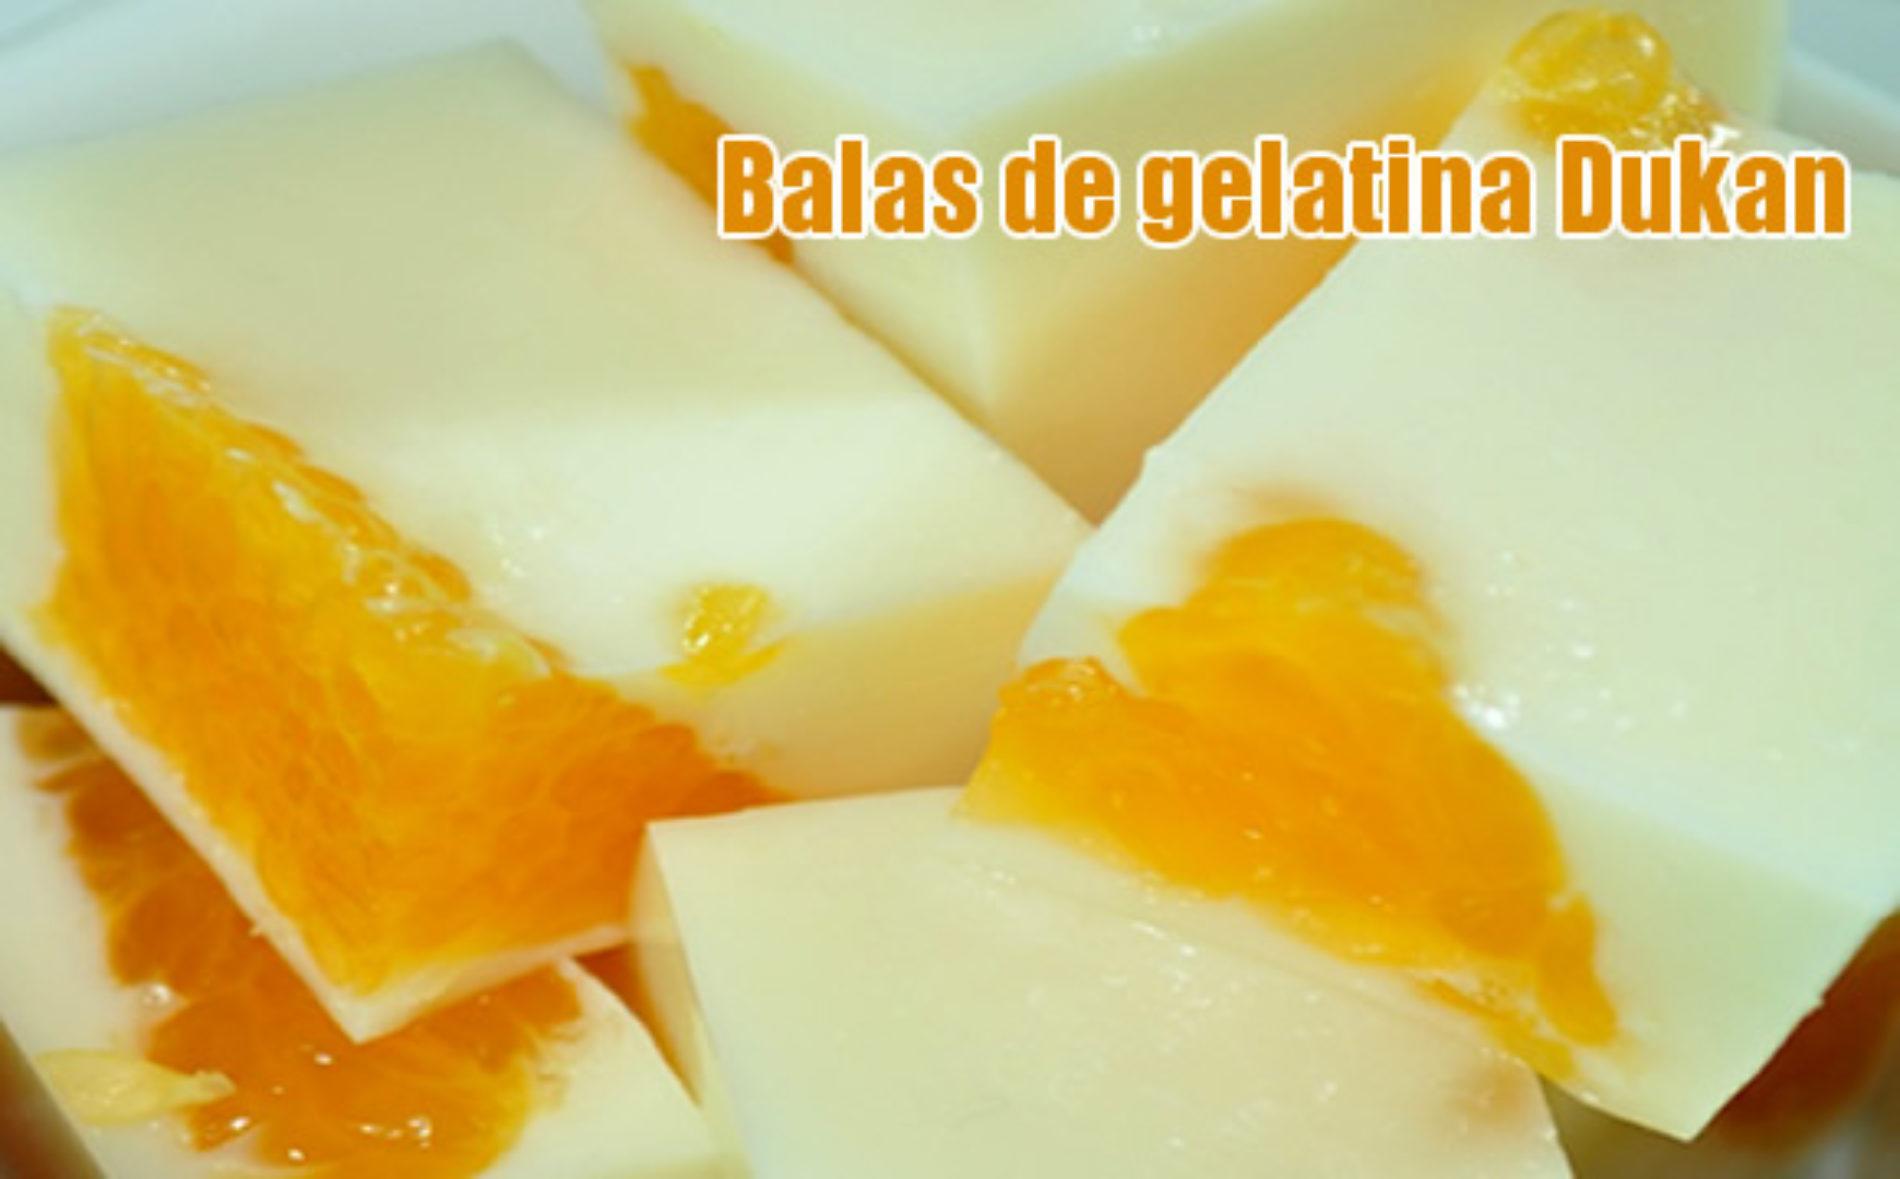 Balas de gelatina Dukan